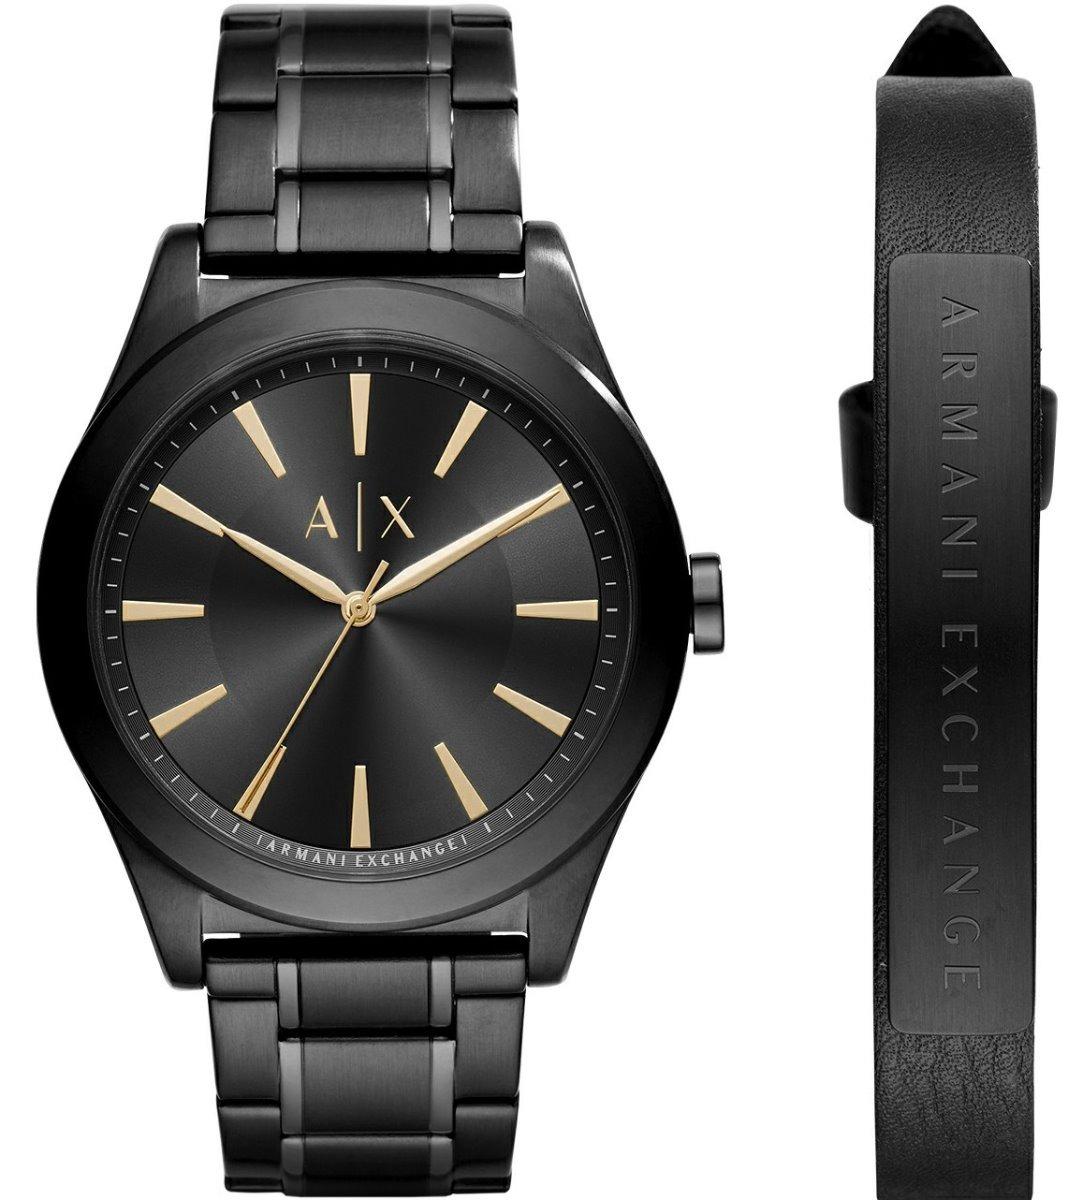 b7e8157bd330 reloj armani exchange set ax7102 acero ngo dorado caballero. Cargando zoom.